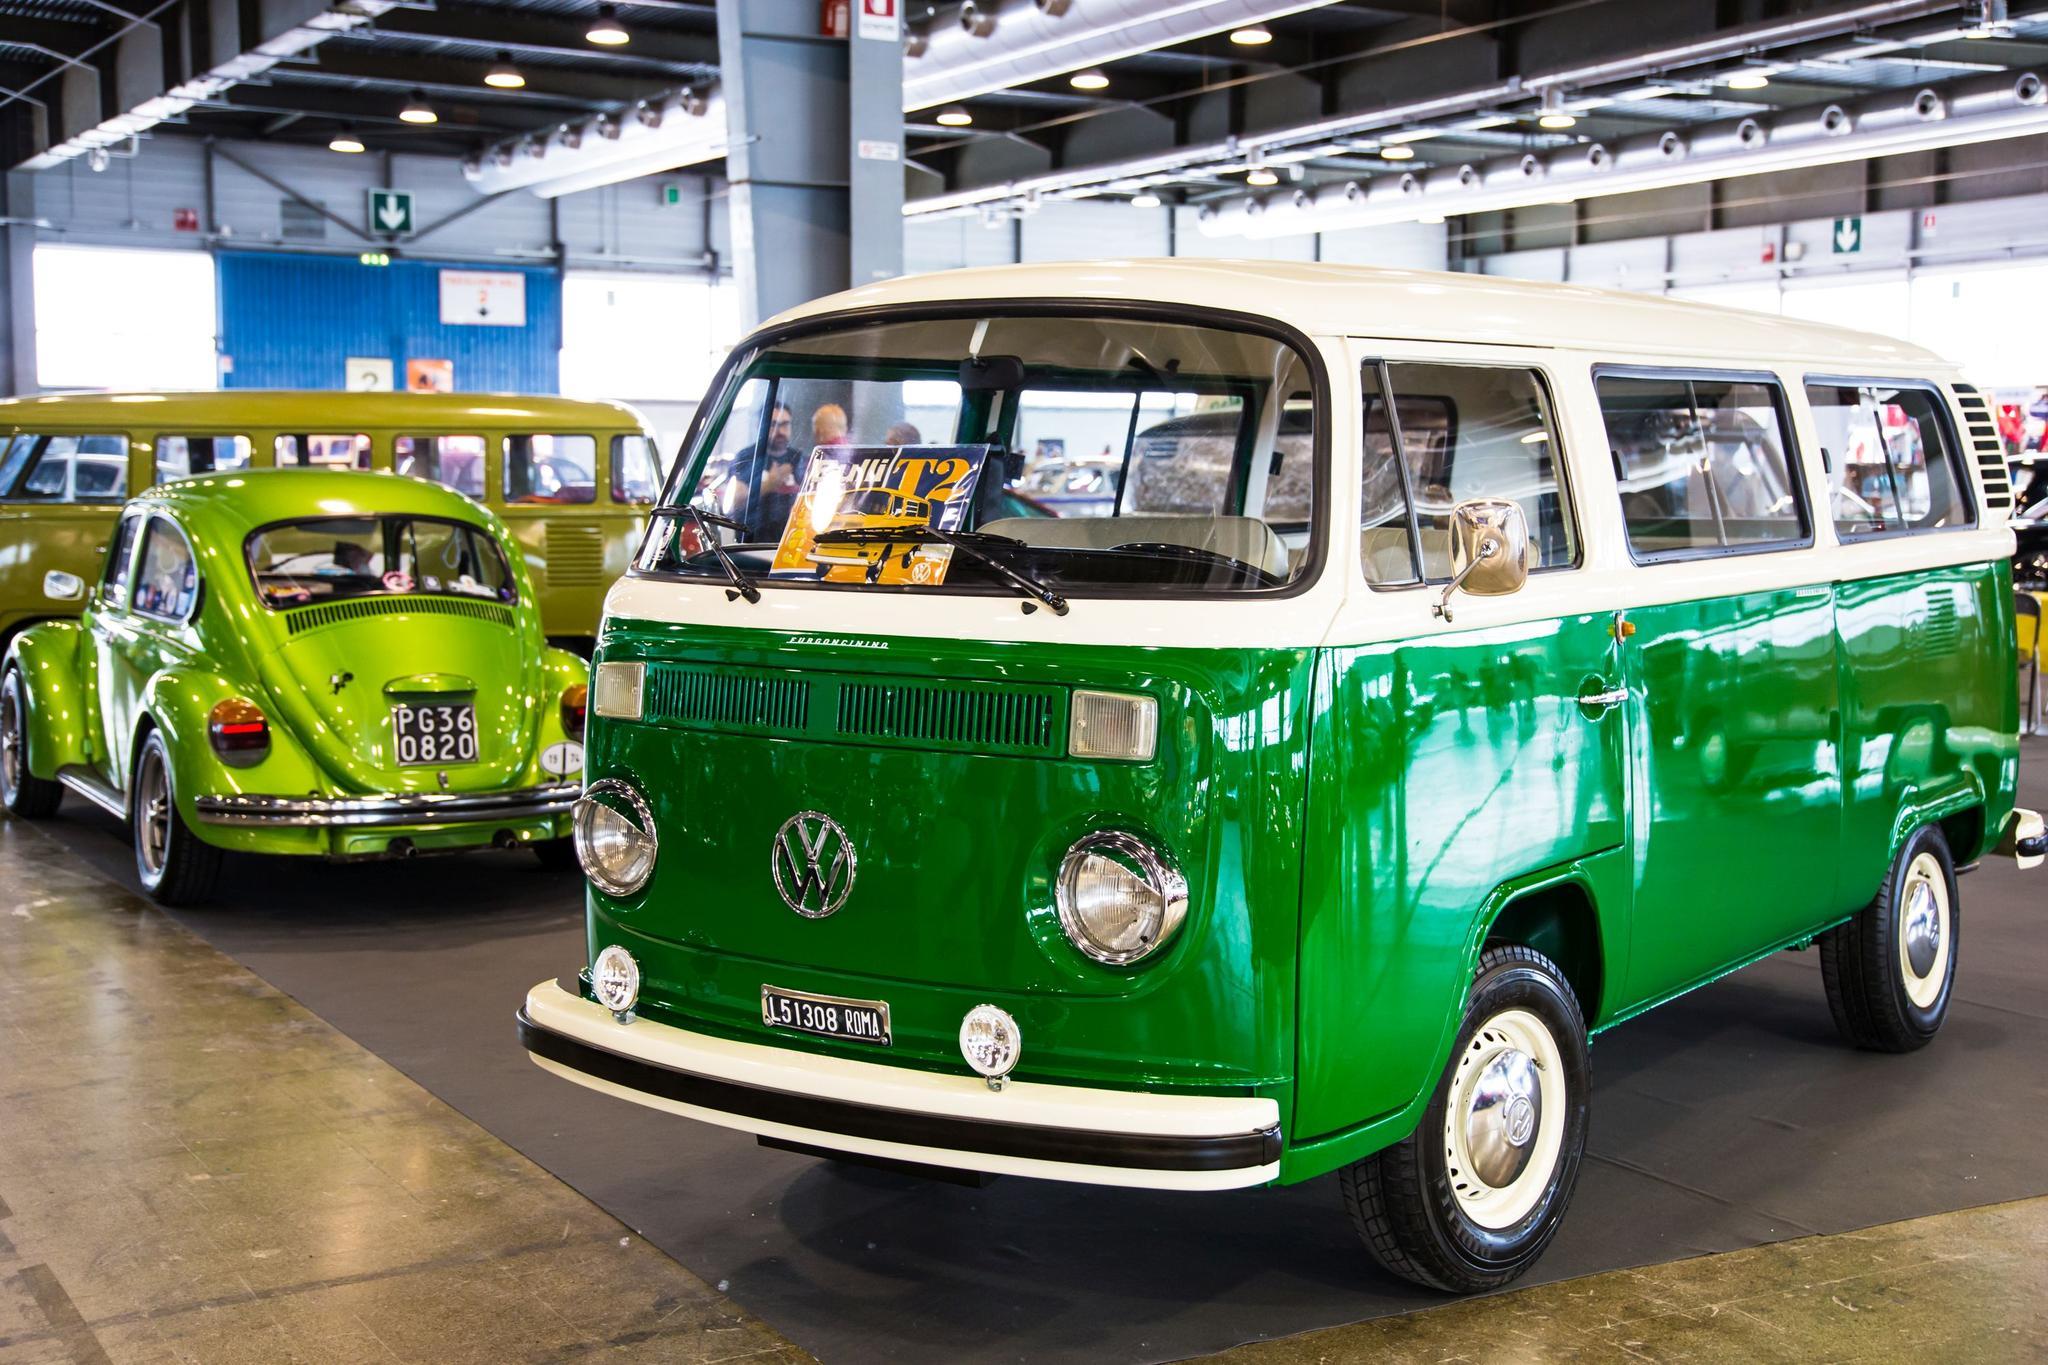 VW Käfer und ein VW Bus in Grün stehen in der Halle.